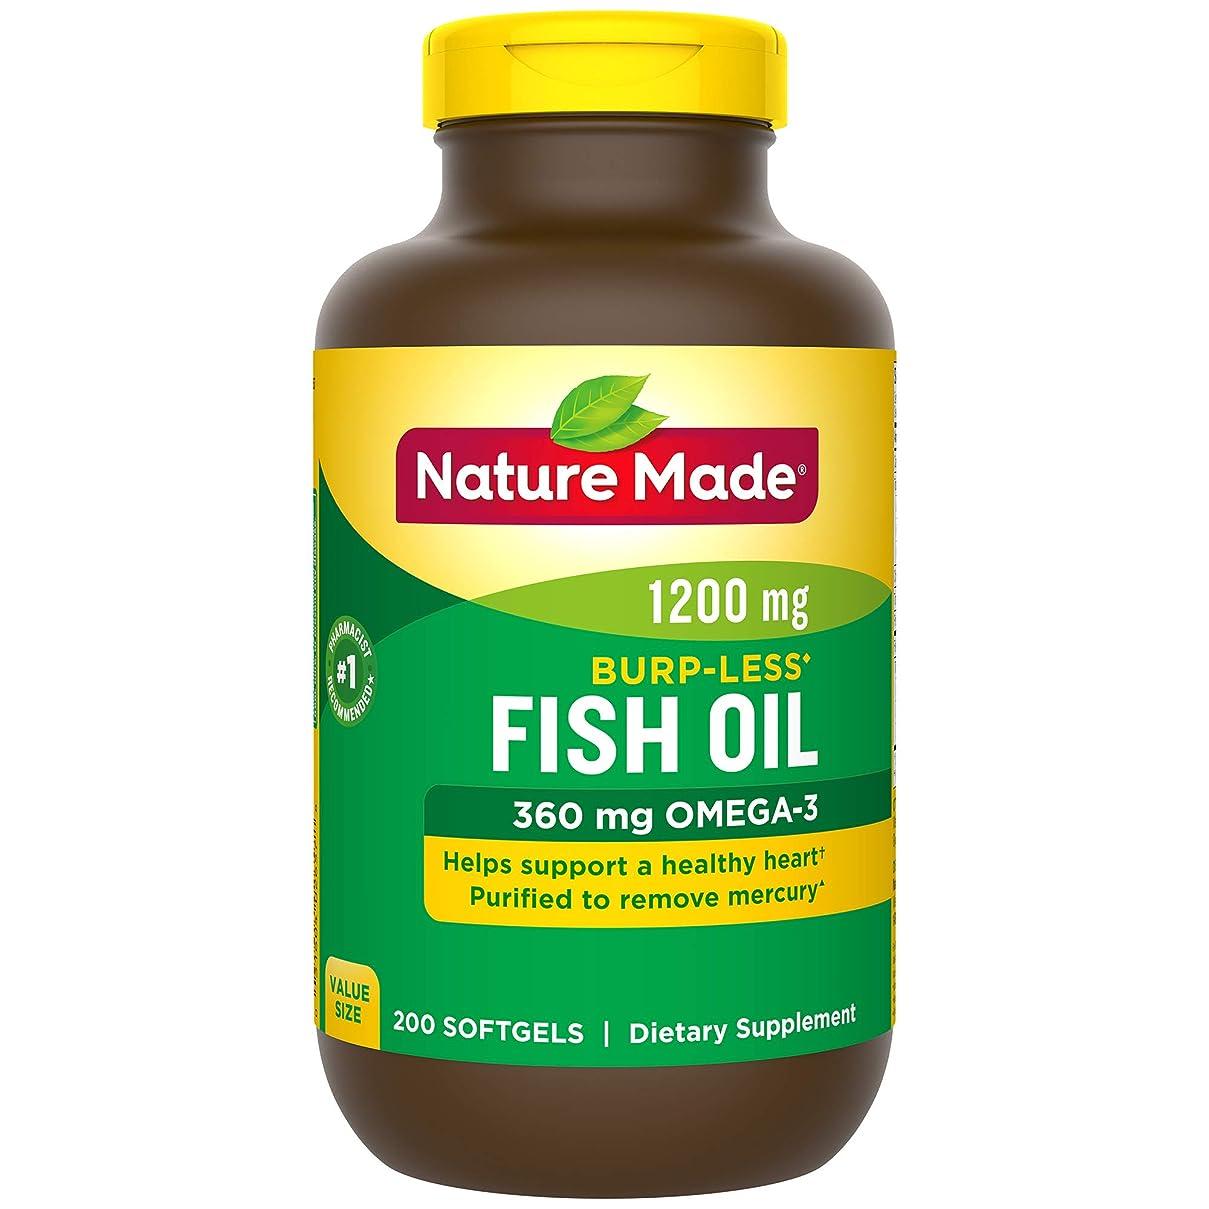 所持巻き戻す勘違いするNature Made Fish Oil 1200 Mg Burp-less, Value Size, 200-Count 海外直送品